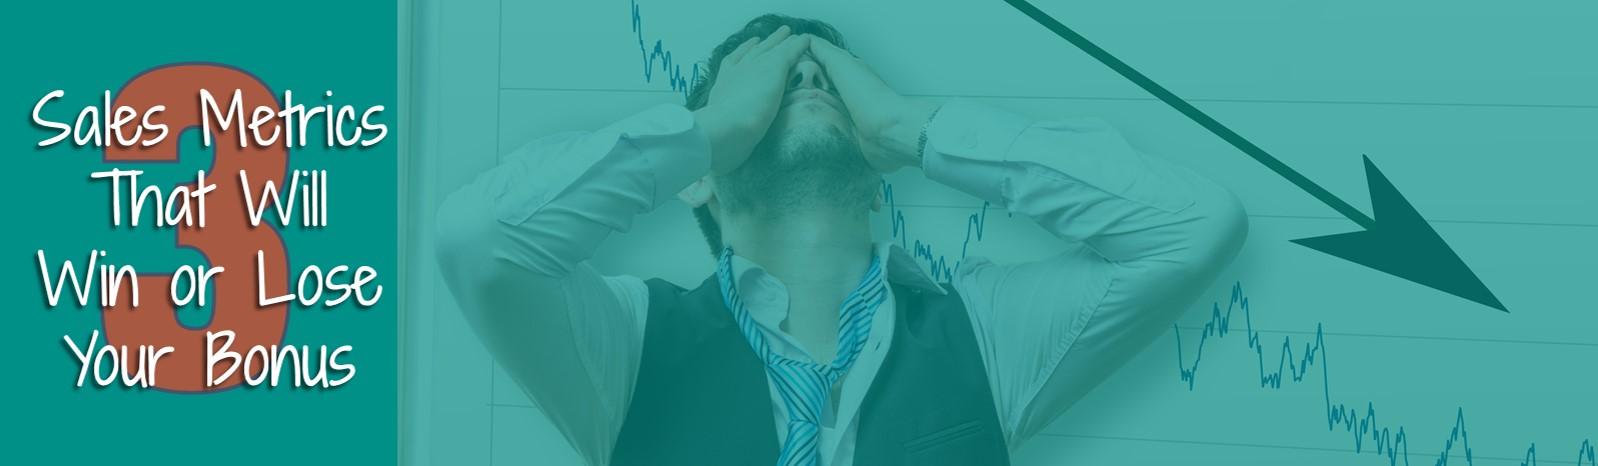 Sales Metrics That Will Win or Lose Your Bonus